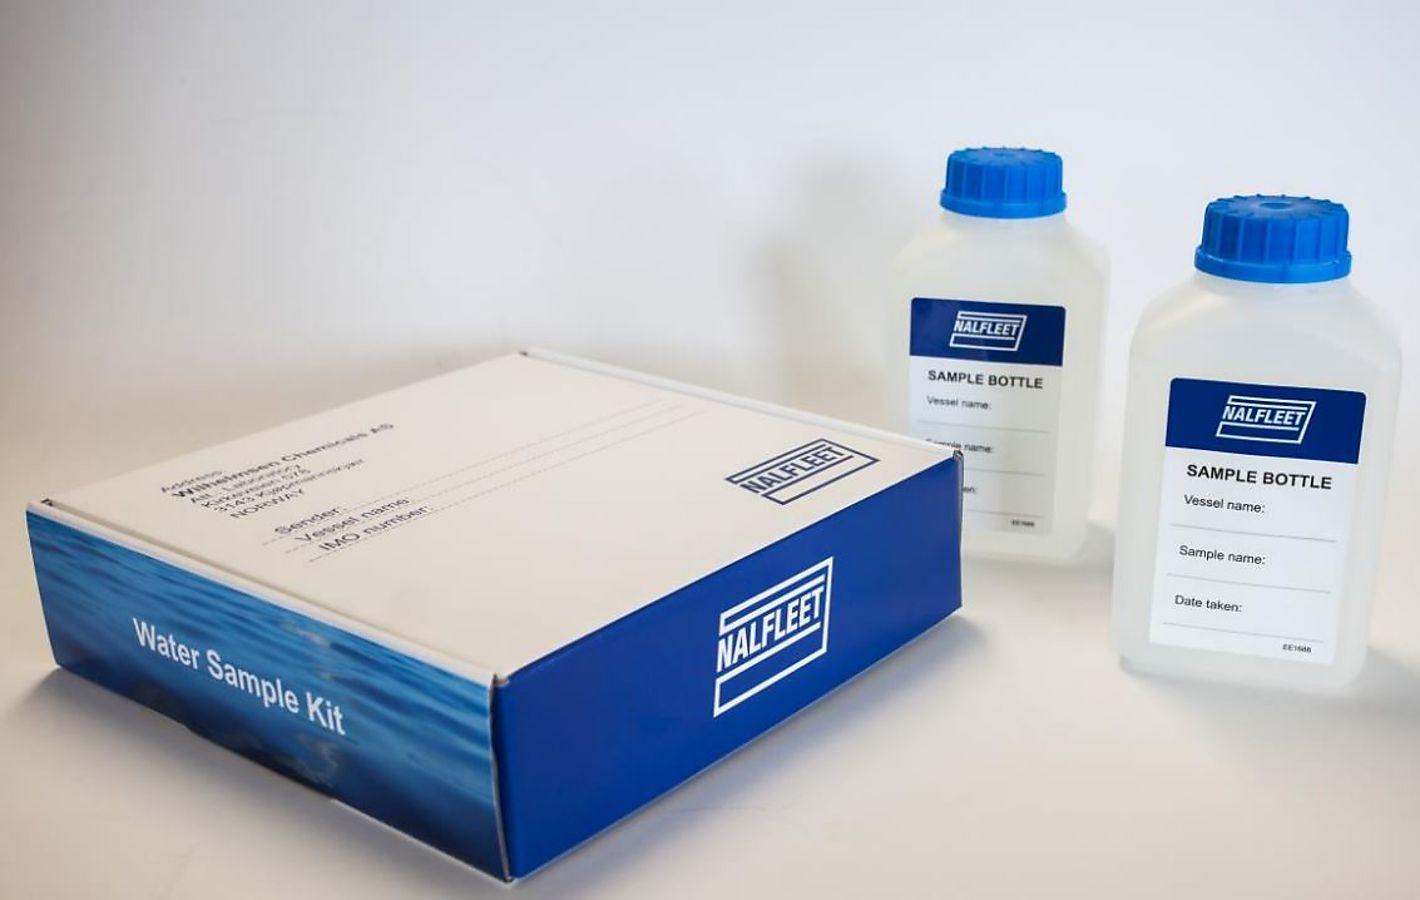 Sample-bottles-Nalfleet-branded